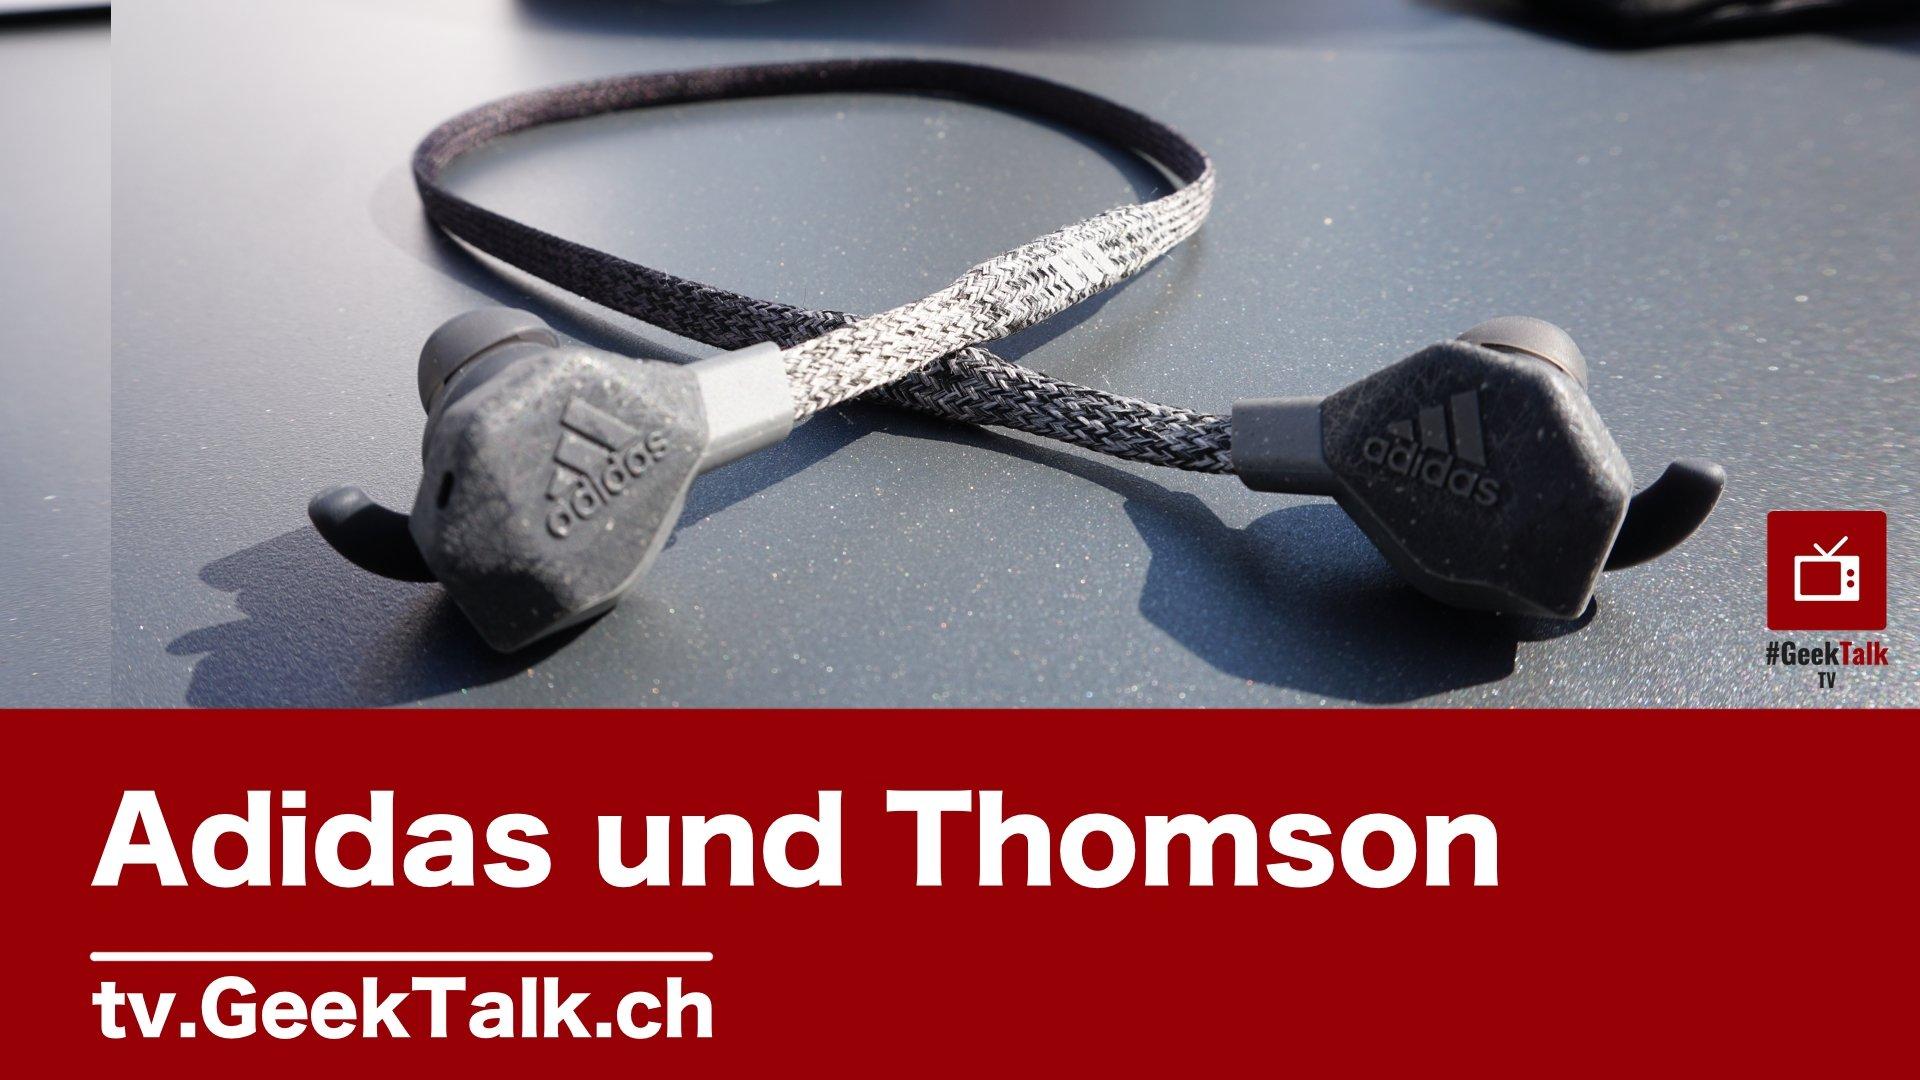 IFA 2019: Sportausrüster Adidas mit Kopfhörer und Gadgets von Thomson